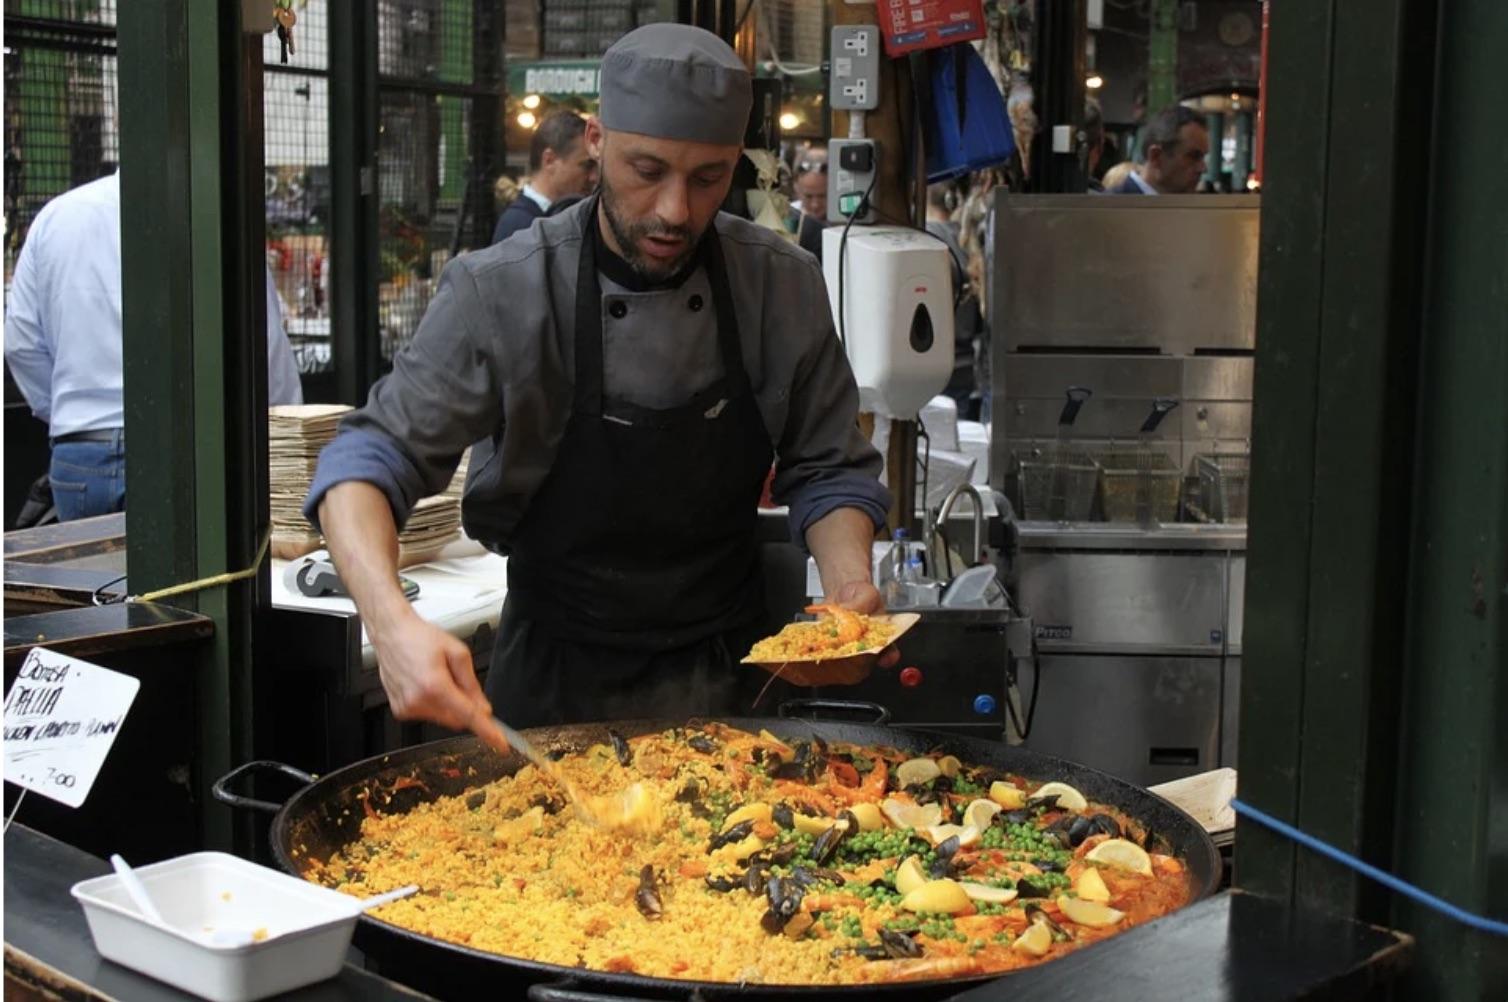 Comer saludable y delicioso es posible también para las personas que no tienen mucho tiempo | cocinamuyfacil.com